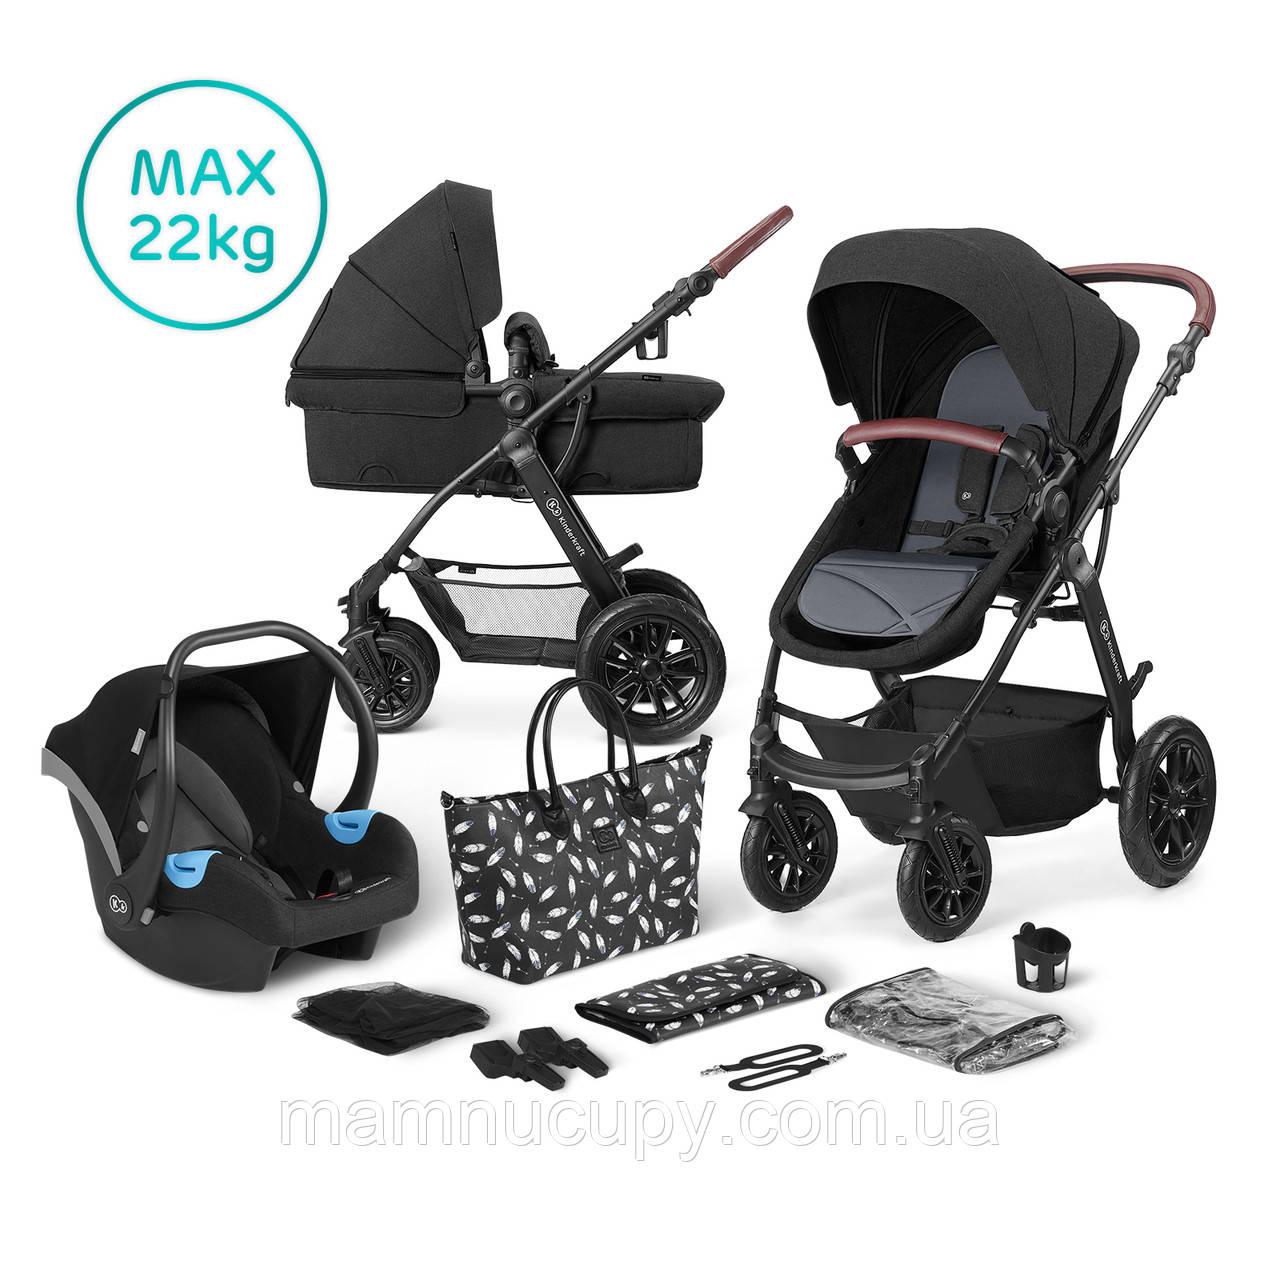 Детская универсальная коляска 3 в 1 Kinderkraft Xmoov Black (Киндеркрафт)